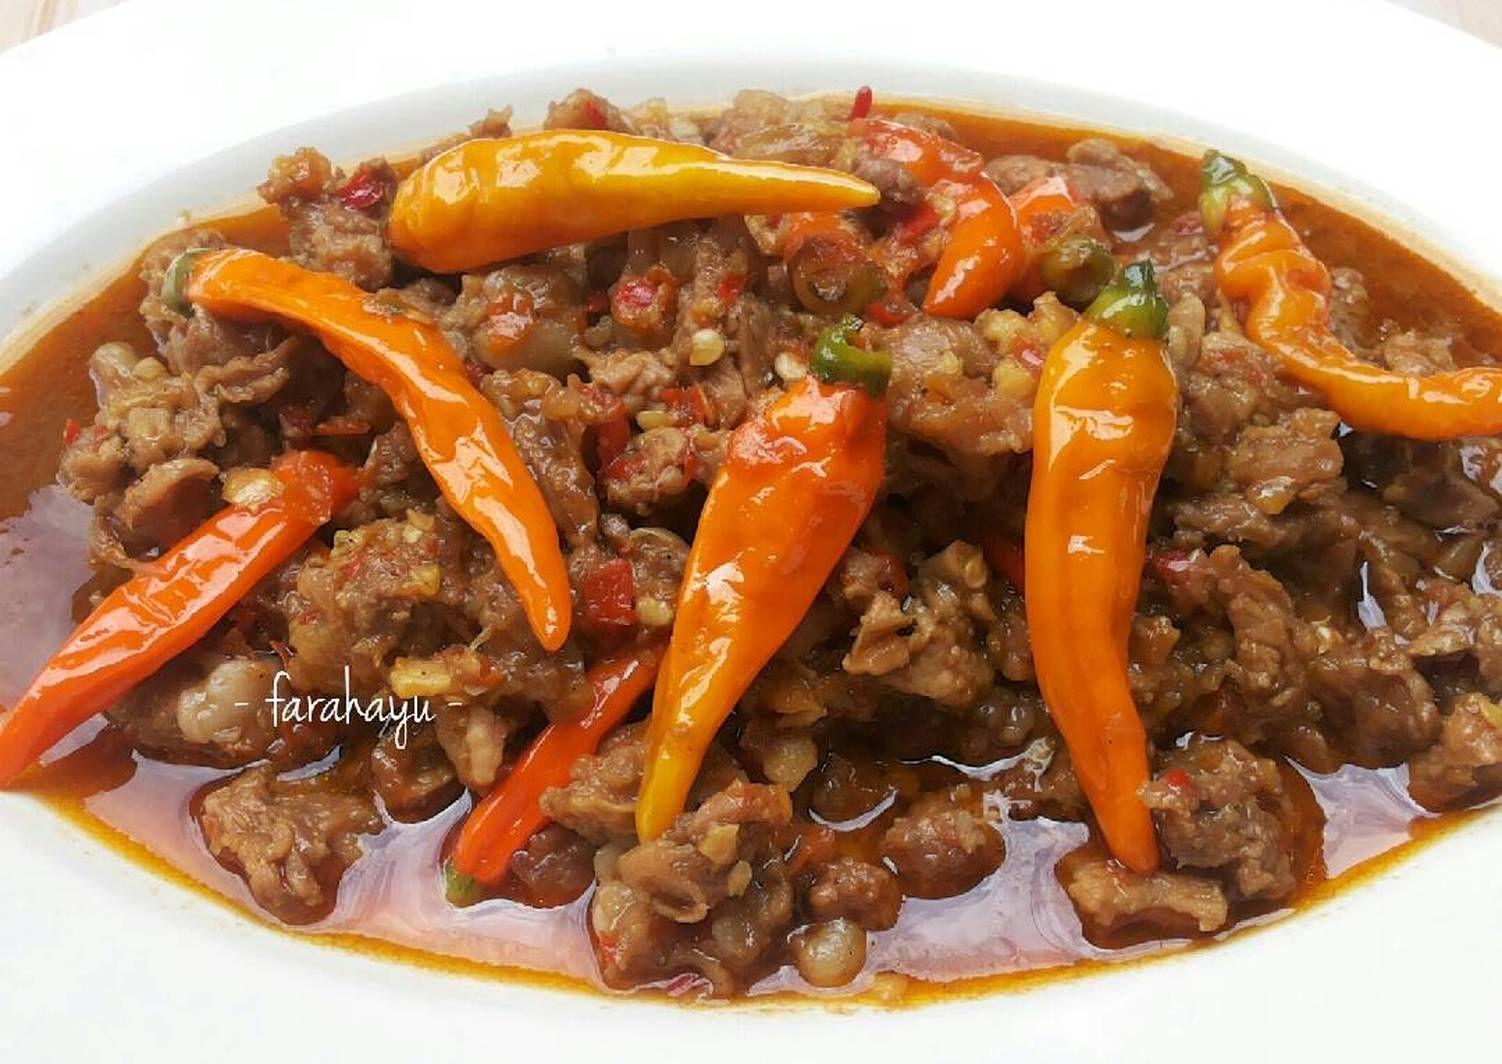 Resep Oseng Mercon Oleh Farah Ayu Resep Resep Makanan India Resep Masakan Resep Masakan Indonesia